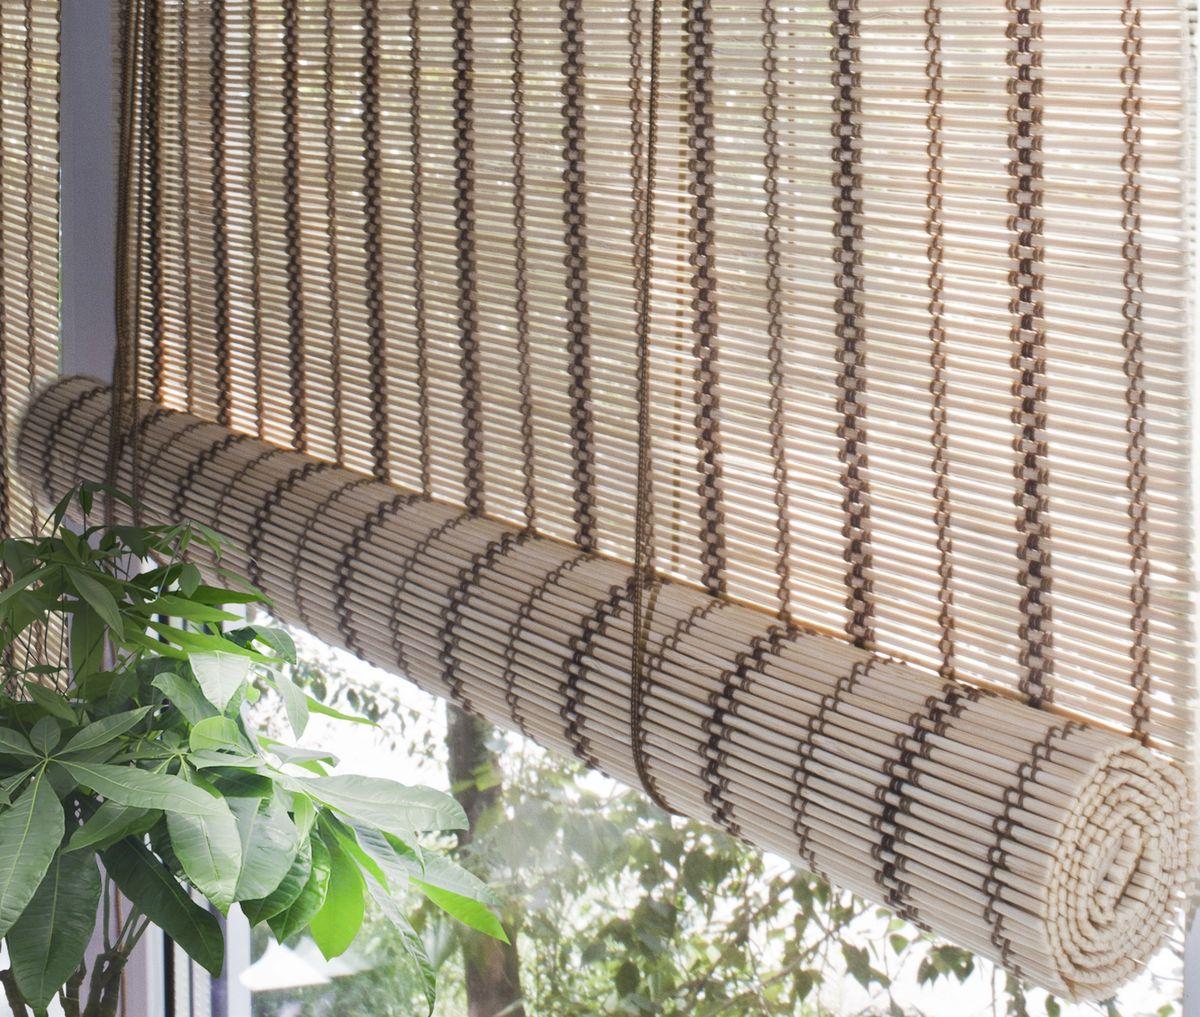 Штора рулонная Эскар Бамбук, цвет: золотой беж, ширина 100 см, высота 160 см70140100160При оформлении интерьера современных помещений многие отдают предпочтение природным материалам. Бамбуковые рулонные шторы - одно из натуральных изделий, способное сделать атмосферу помещения более уютной и в то же время необычной. Свойства бамбука уникальны: он экологически чист, так как быстро вырастает, благодаря чему не успевает накопить вредные вещества из окружающей среды. Кроме того, растение обладает противомикробным и антибактериальным действием. Занавеси из бамбука безопасно использовать в помещениях, где находятся новорожденные дети и люди, склонные к аллергии. Они незаменимы для тех, кто заботится о своем здоровье и уделяет внимание высокому уровню жизни. Бамбуковые рулонные шторы представляют собой полотно, состоящее из тонких бамбуковых стеблей и сворачиваемое в рулон. Римские бамбуковые шторы, как и тканевые римские шторы, при поднятии образуют крупные складки, которые прекрасно декорируют окно. Особенность устройства полотна позволяет свободно пропускать...